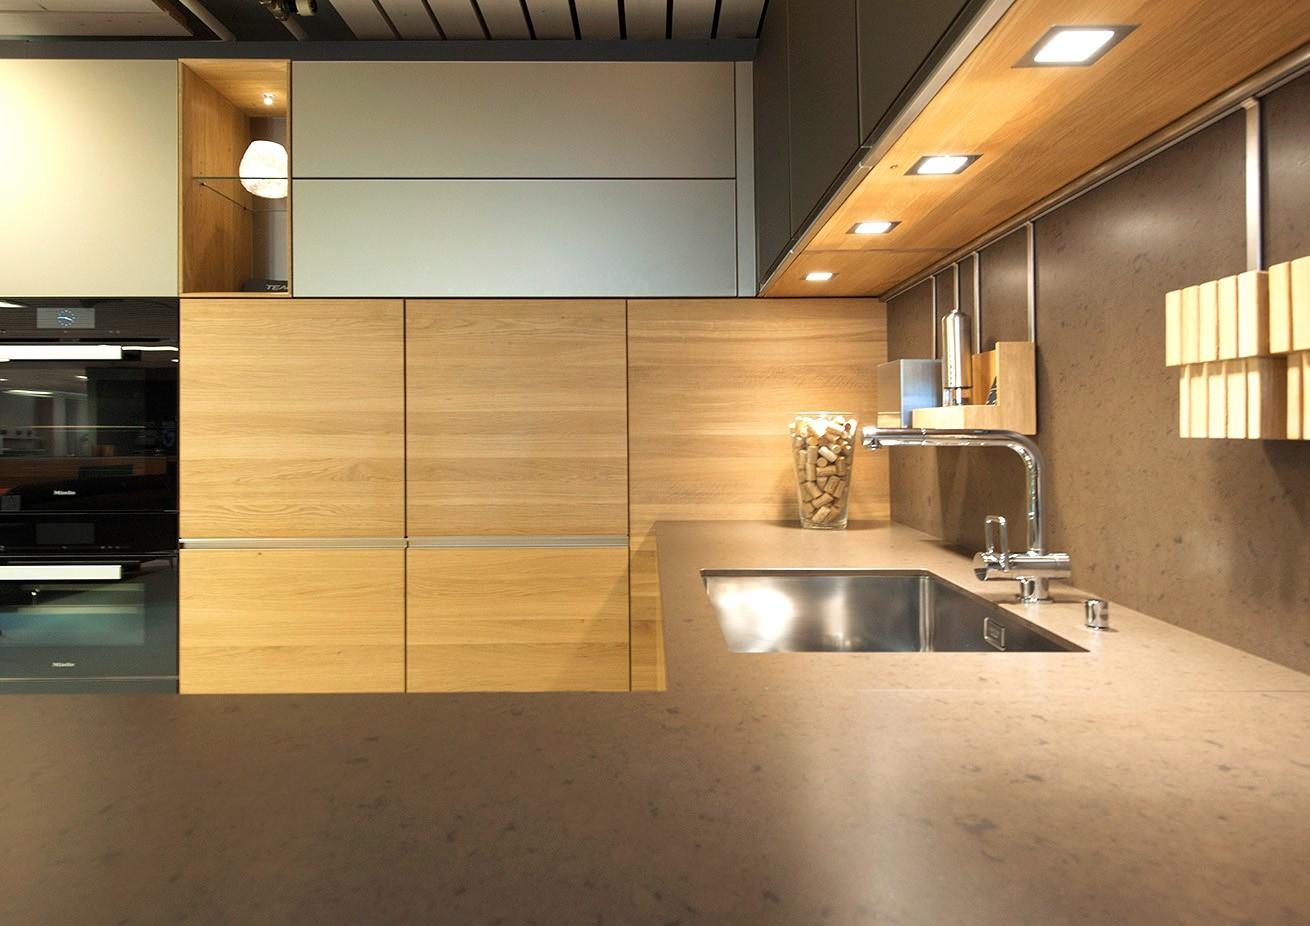 Erleben Sie hautnah die Küche Linee in unserer Ausstellung – jetzt anschauen und entdecken!